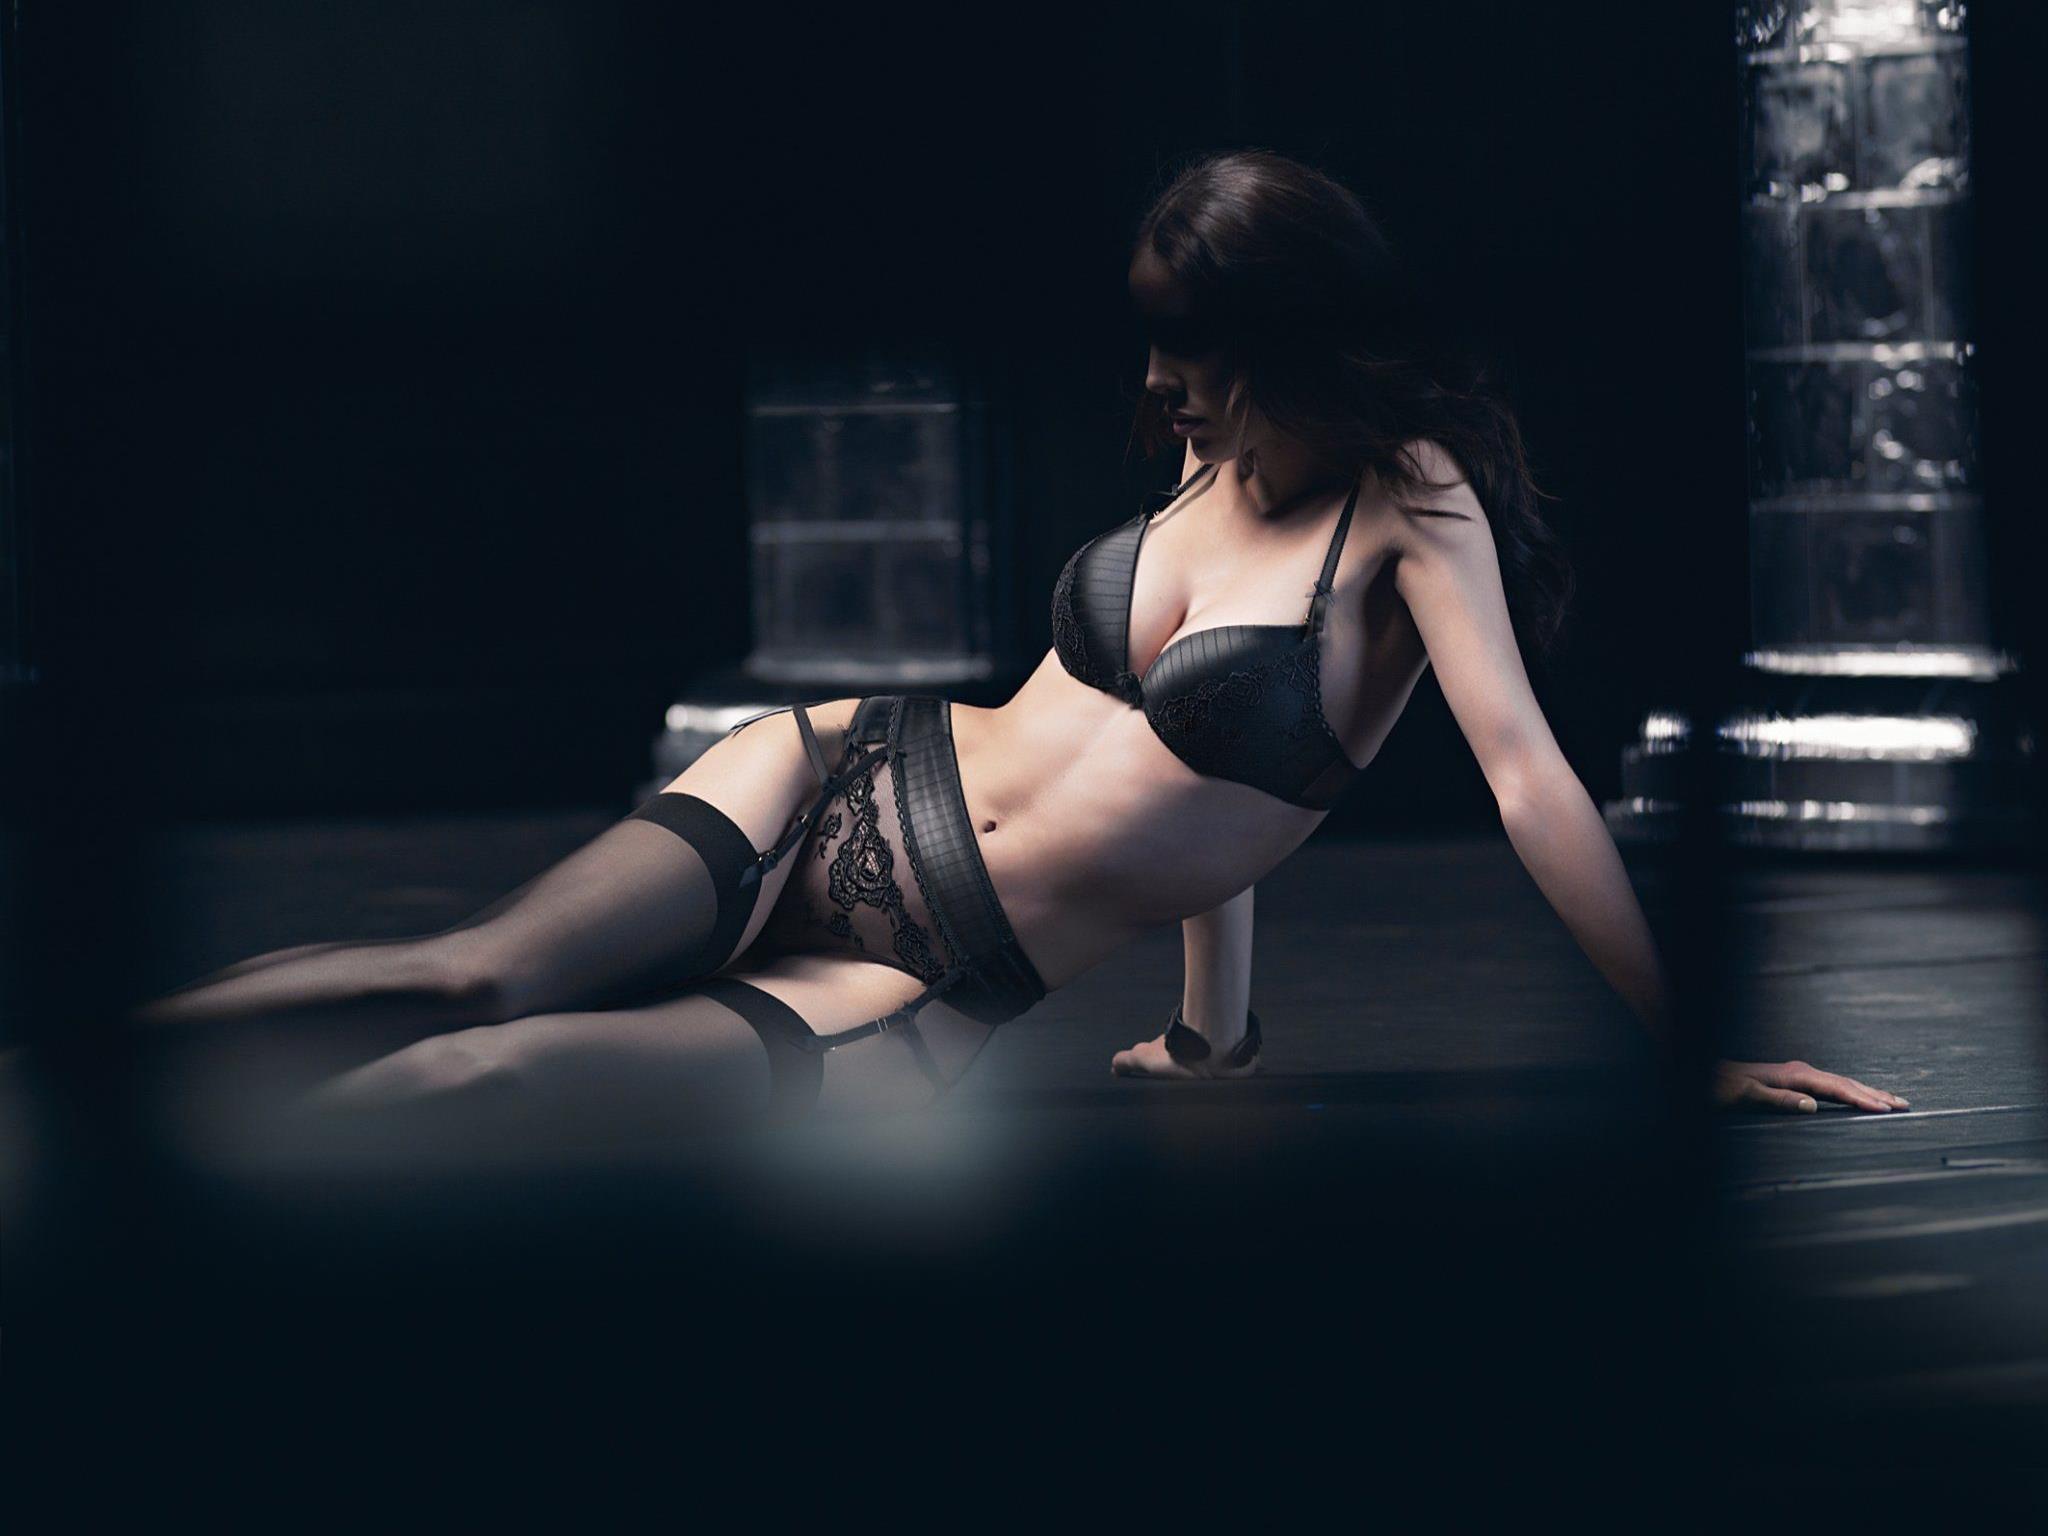 Tango de Salon zeigt das feurige Zusammenspiel von Männlichkeit und Weiblichkeit im Tango.